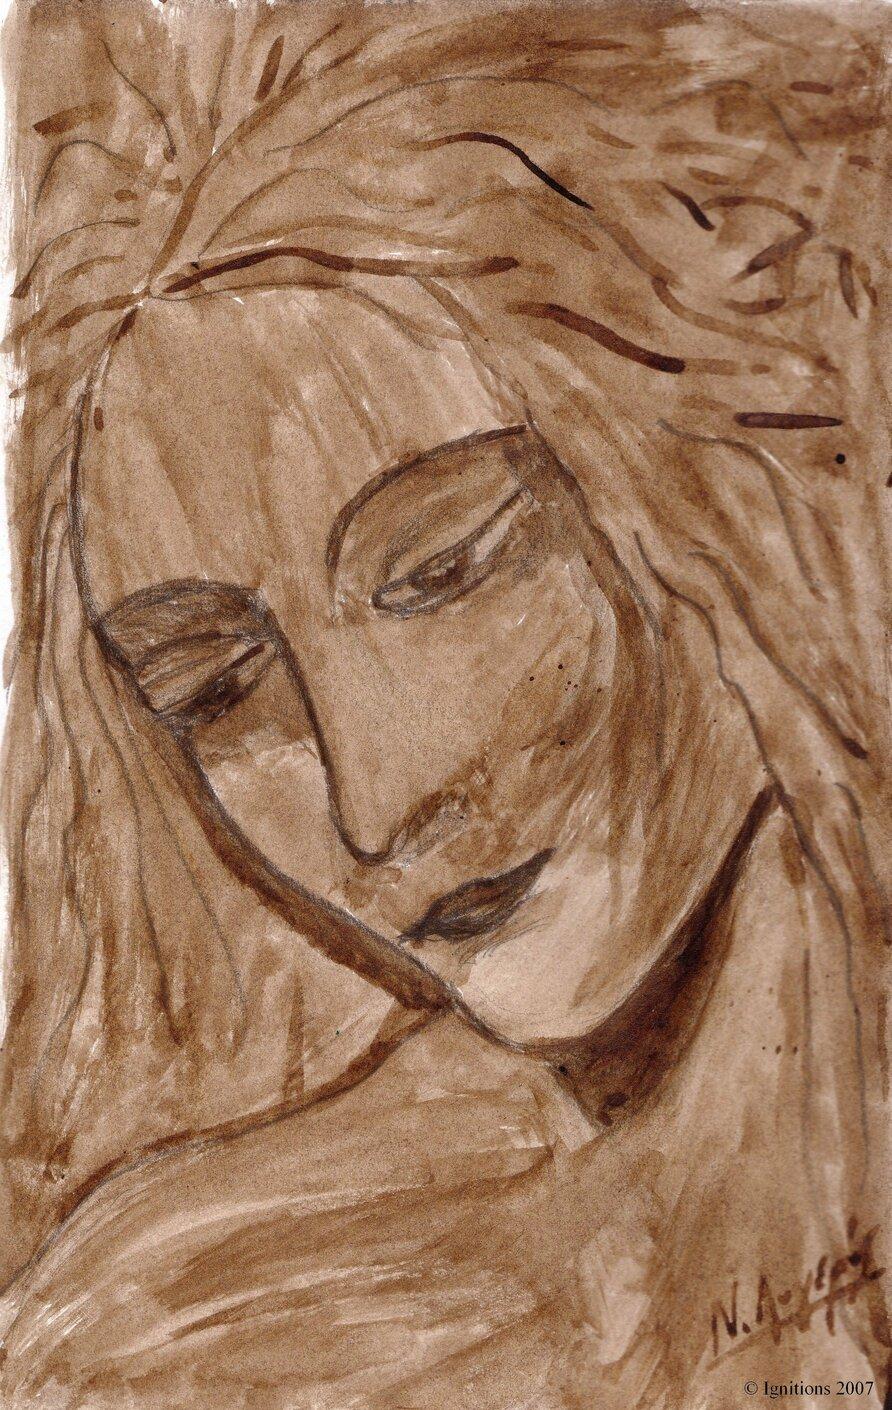 Etude de tête de jeune fille d'après Leonardo da Vinci.